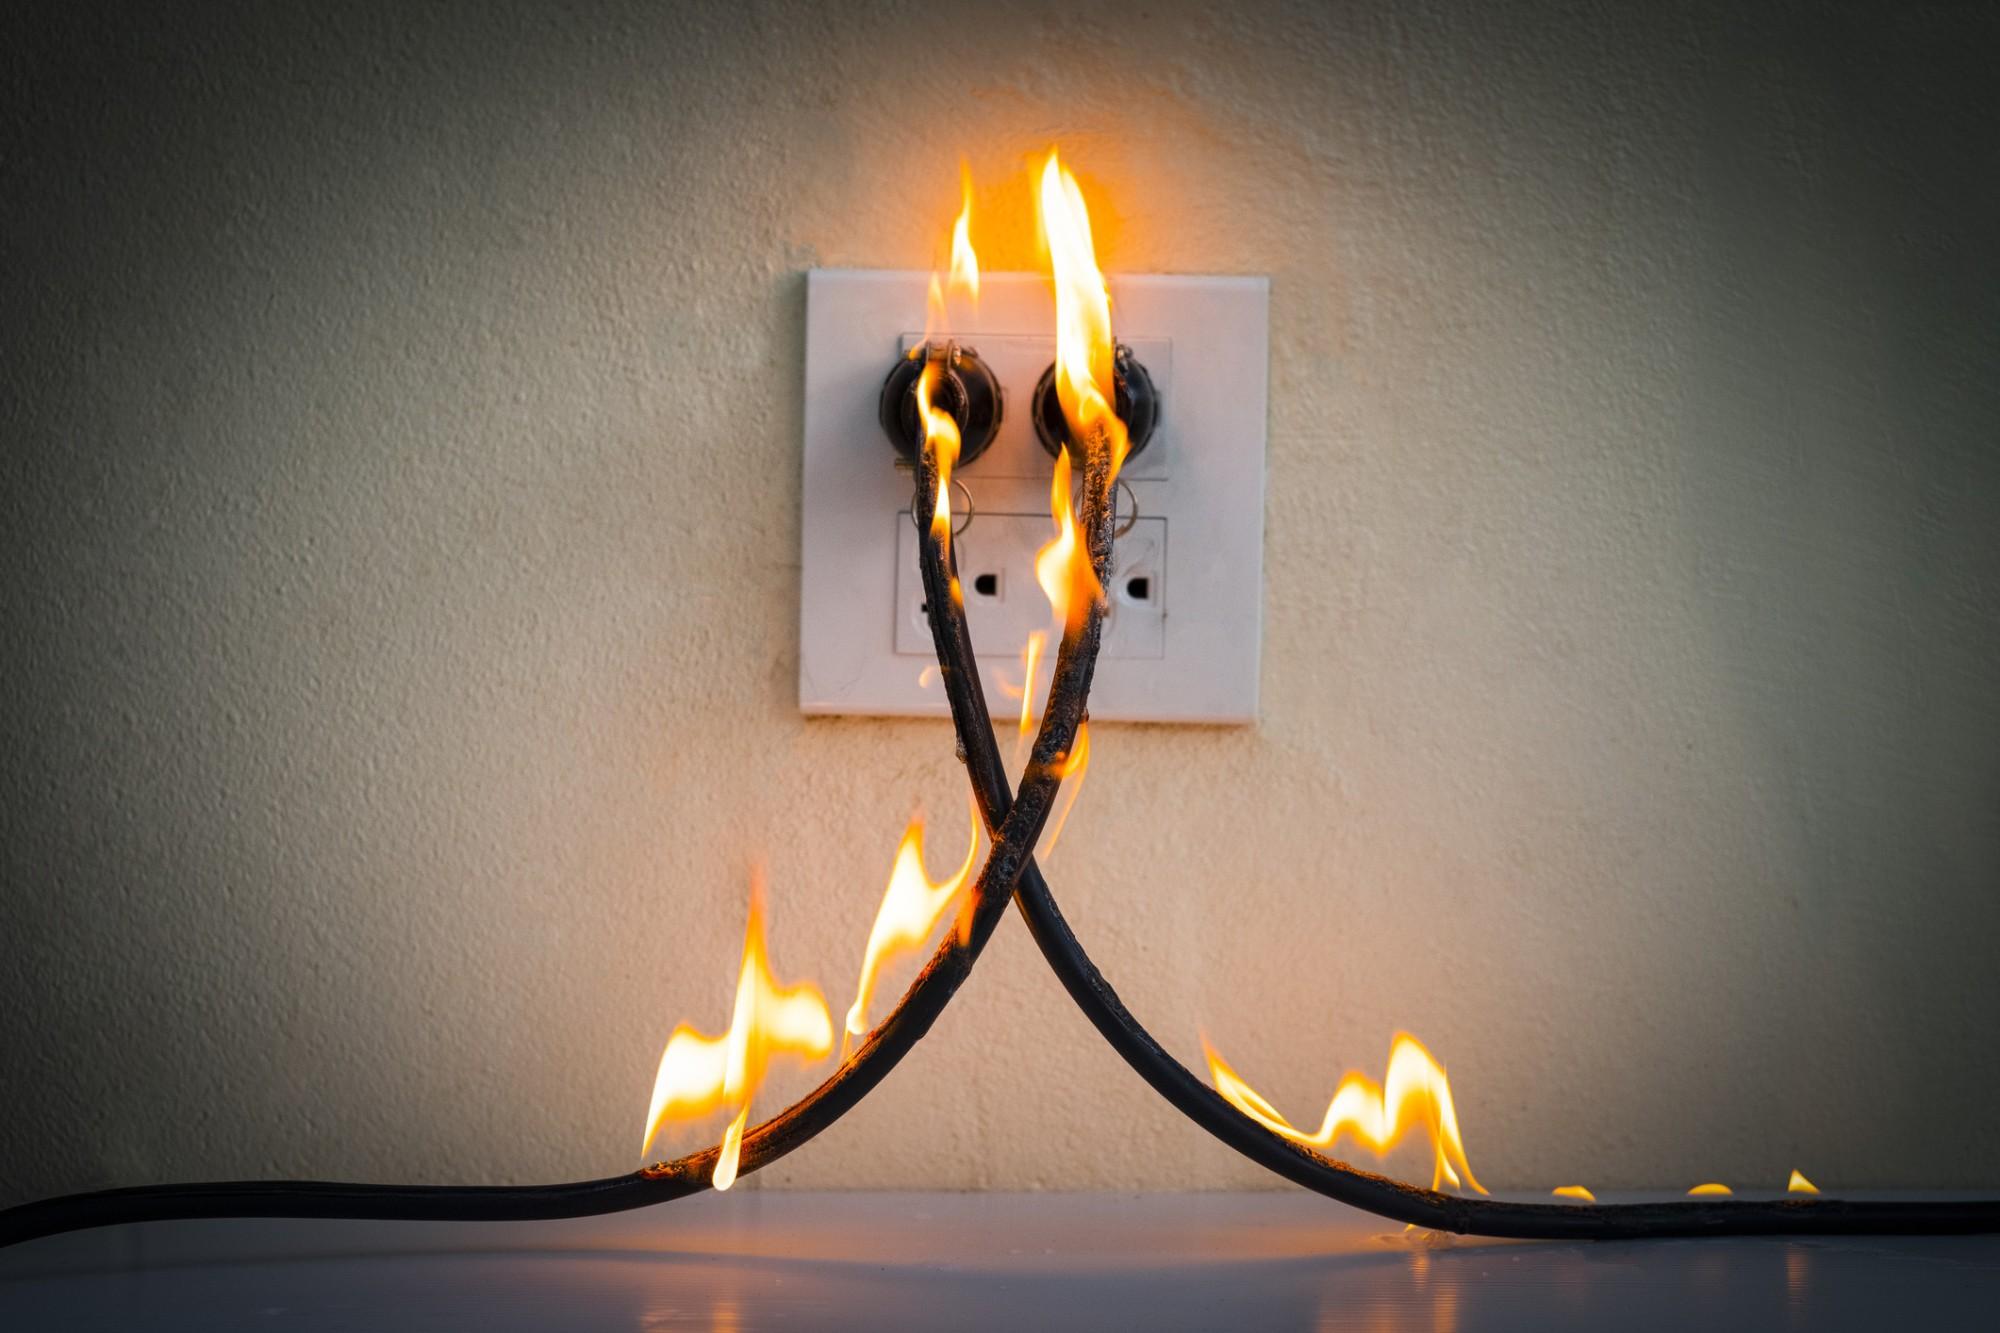 Curto-circuito de eletricidade